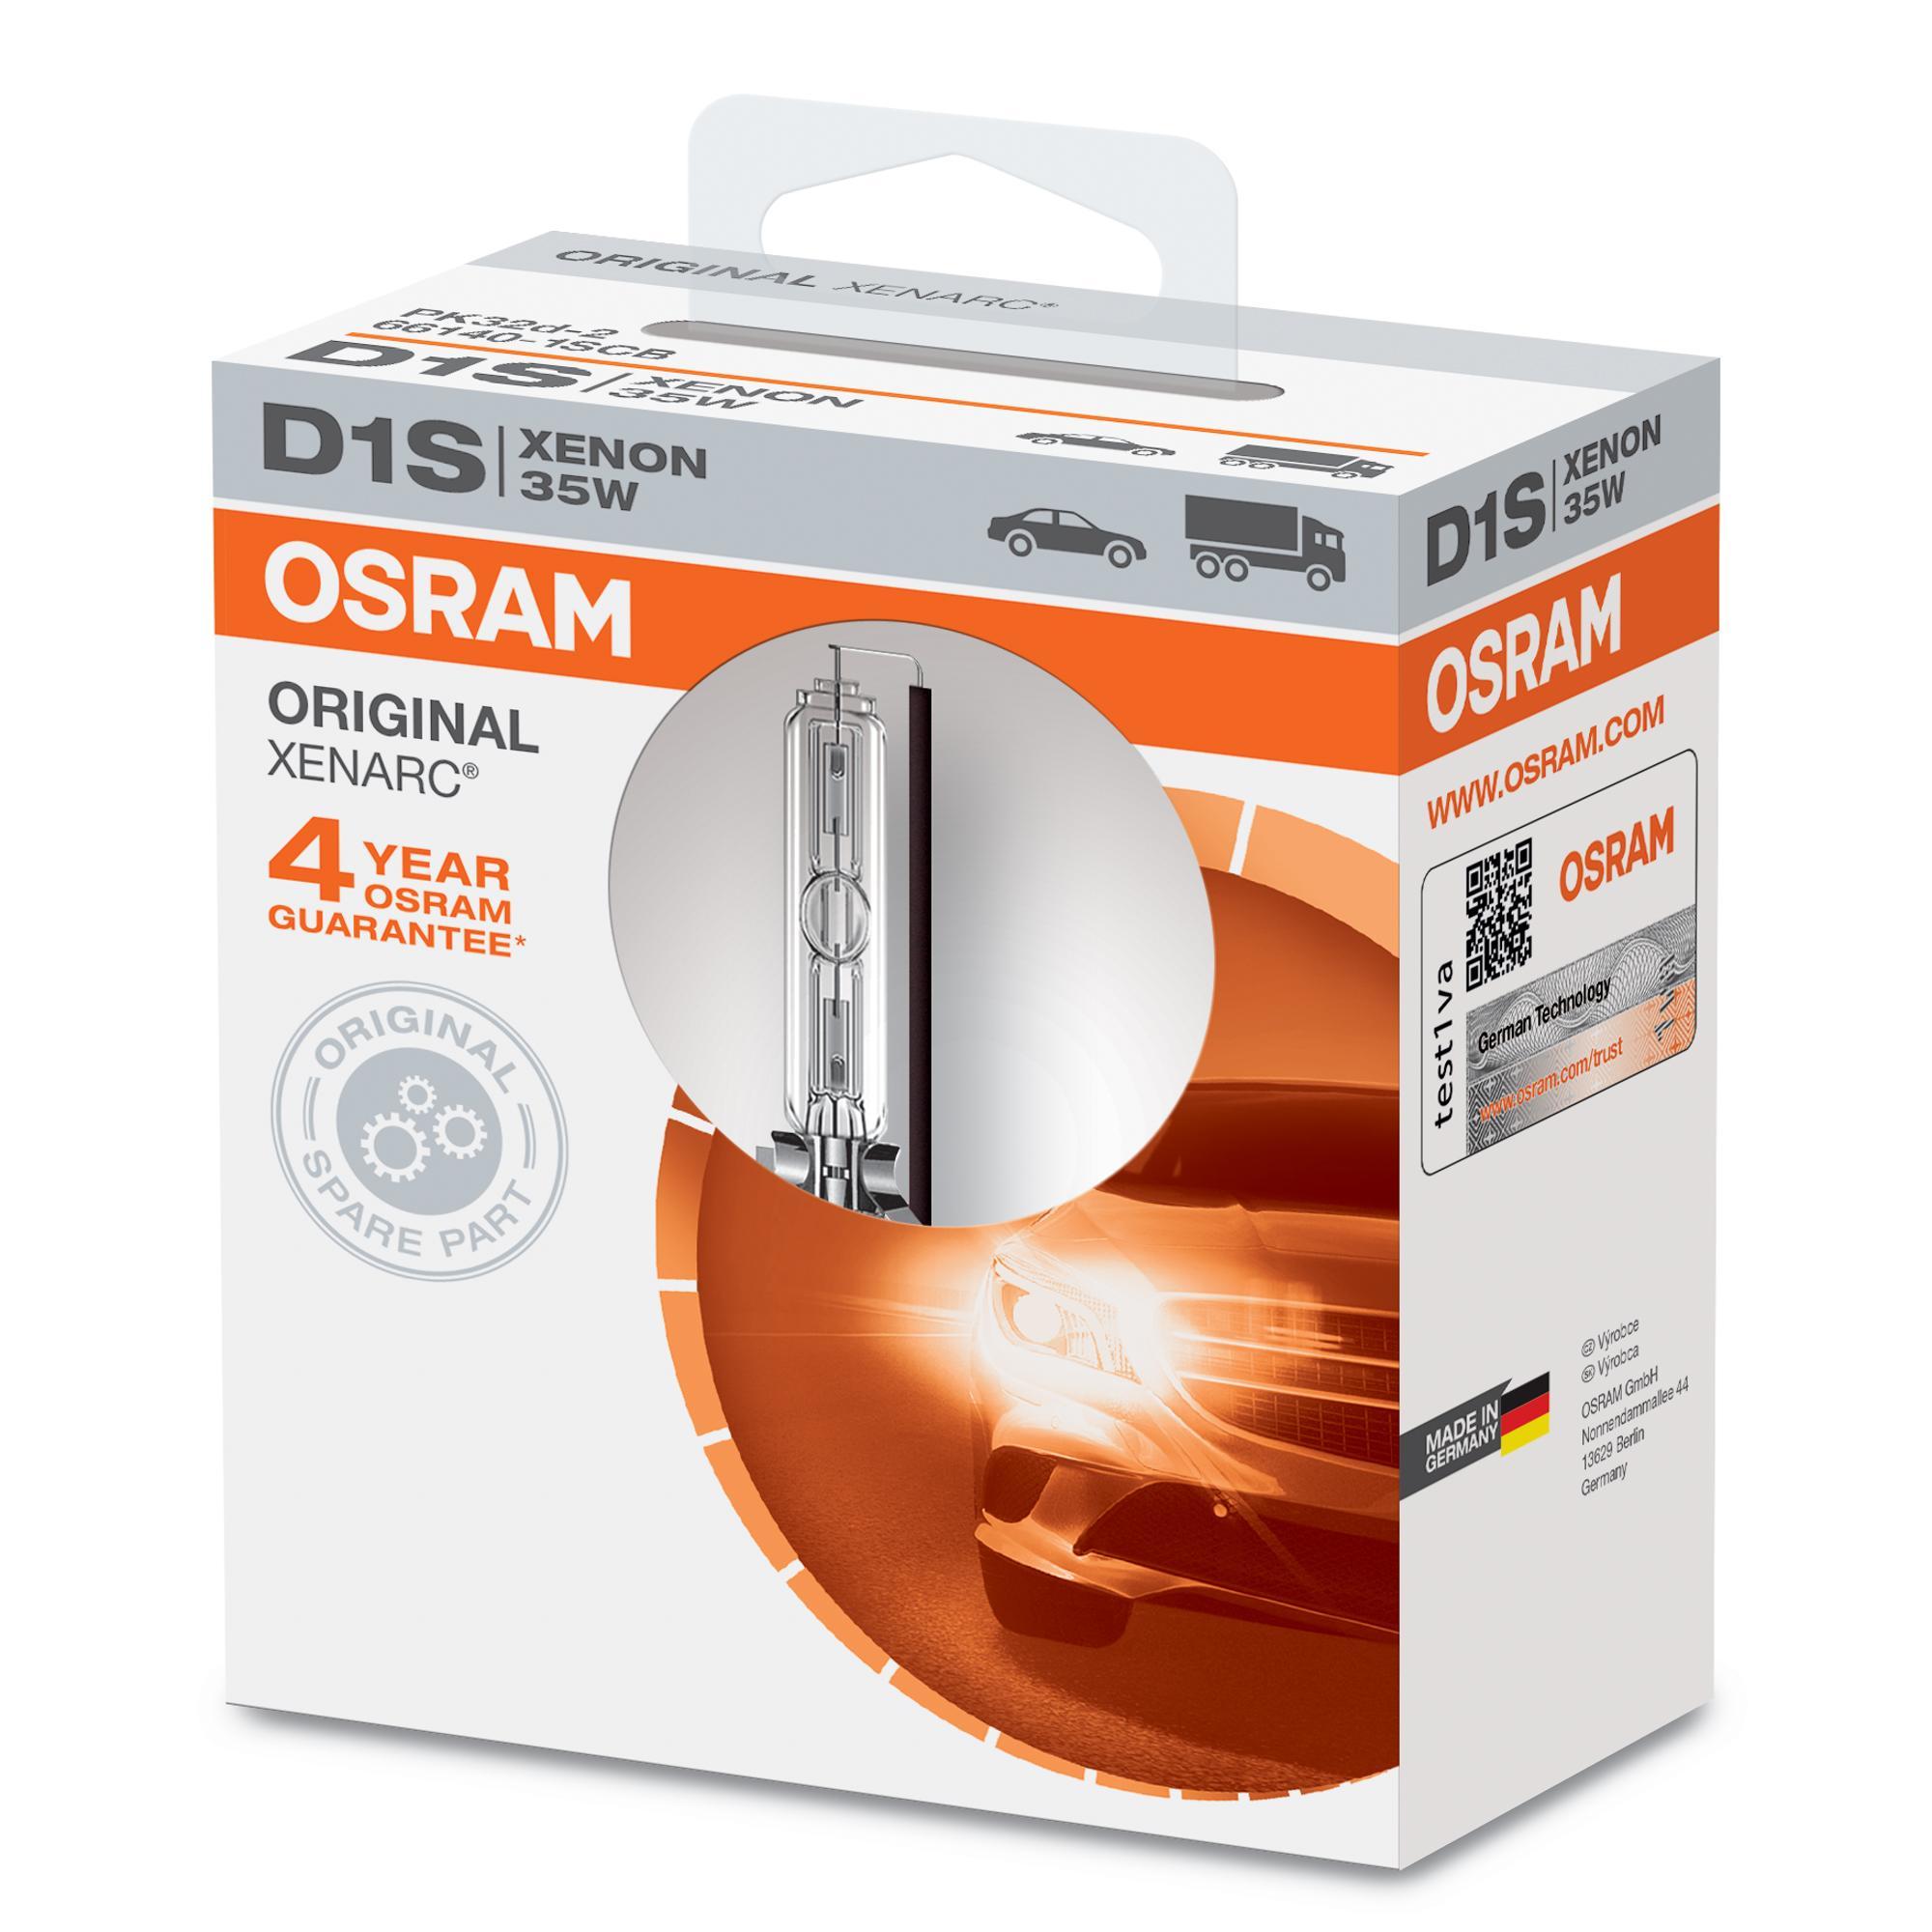 Reservdelar VOLVO S40 2012: Glödlampa, fjärrstrålkastare OSRAM 66140 till rabatterat pris — köp nu!